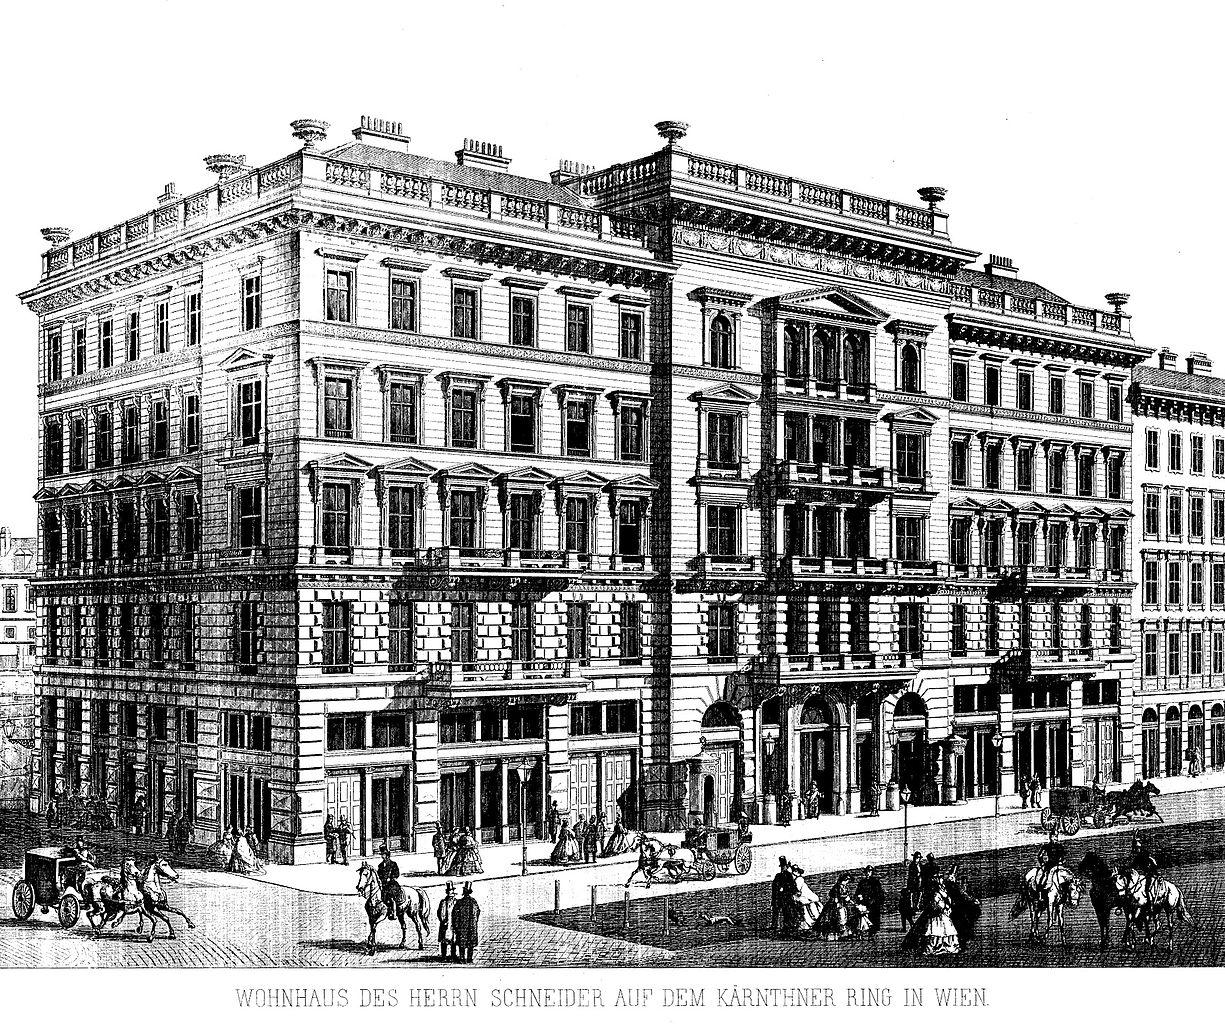 Grand Hotel Wien Fr Ef Bf Bdhst Ef Bf Bdcken